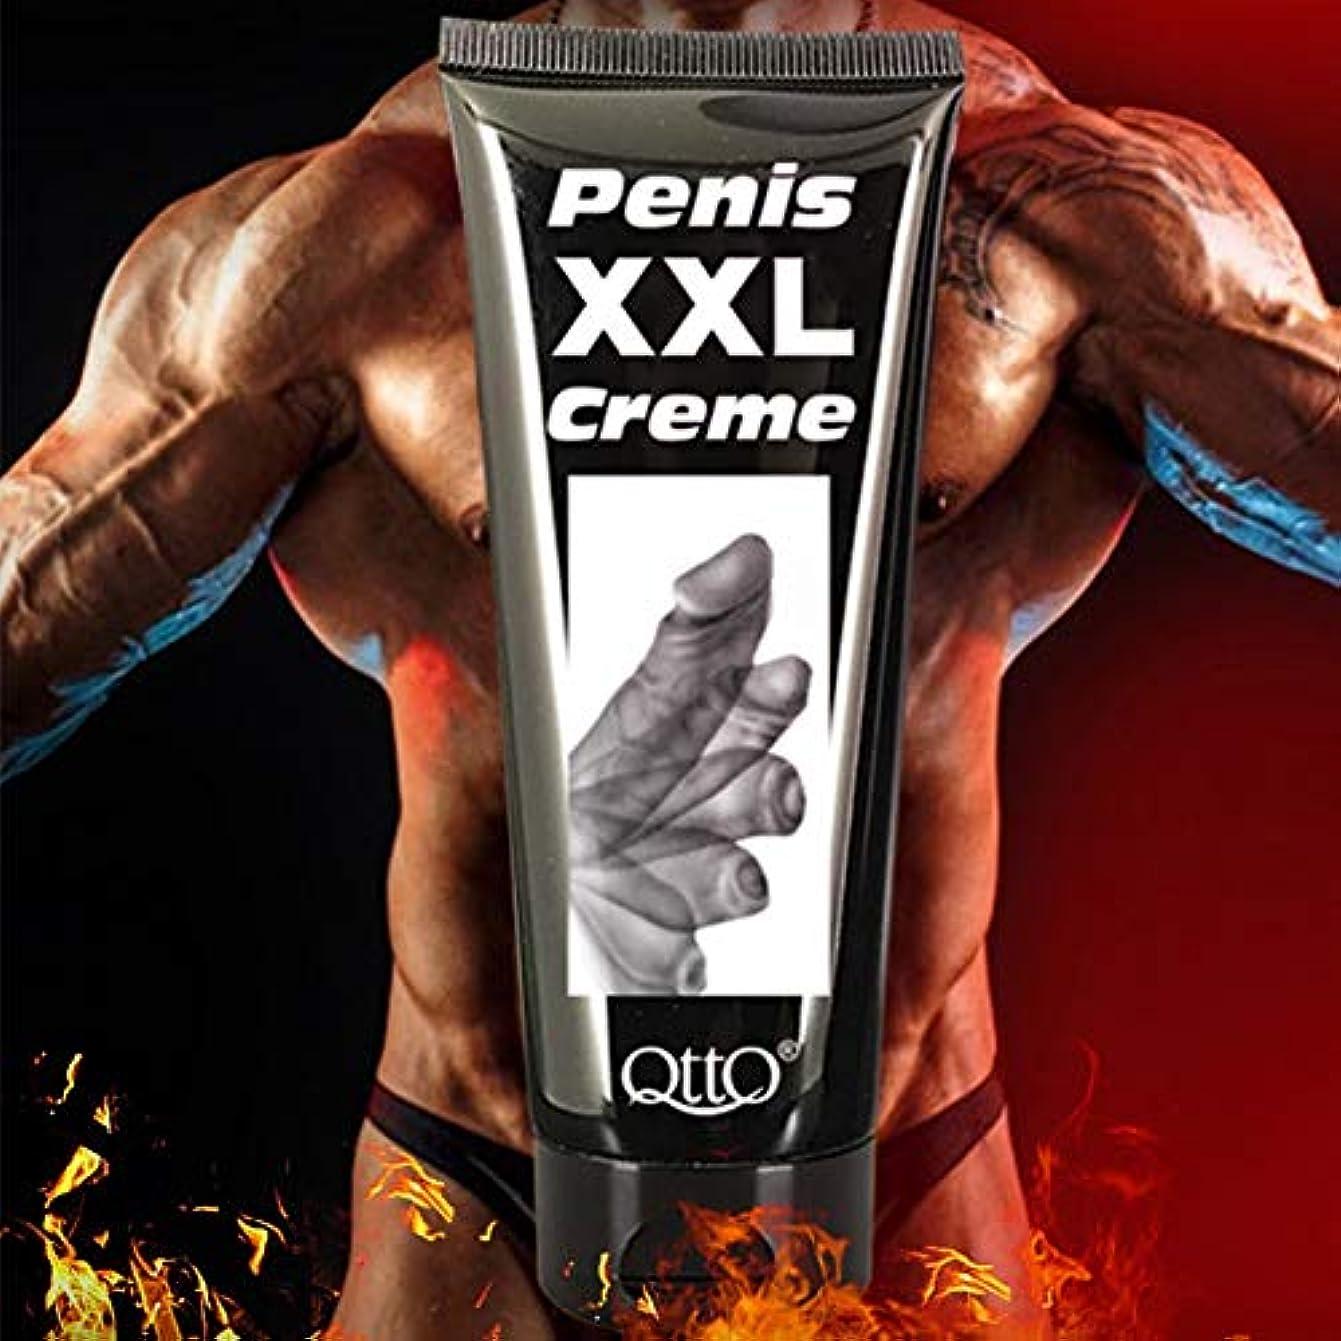 しなやかなステレオ推進、動かすBalai 男性用 ペニス拡大 クリームビッグディック 濃厚化成長強化パフォーマンス セックス製品